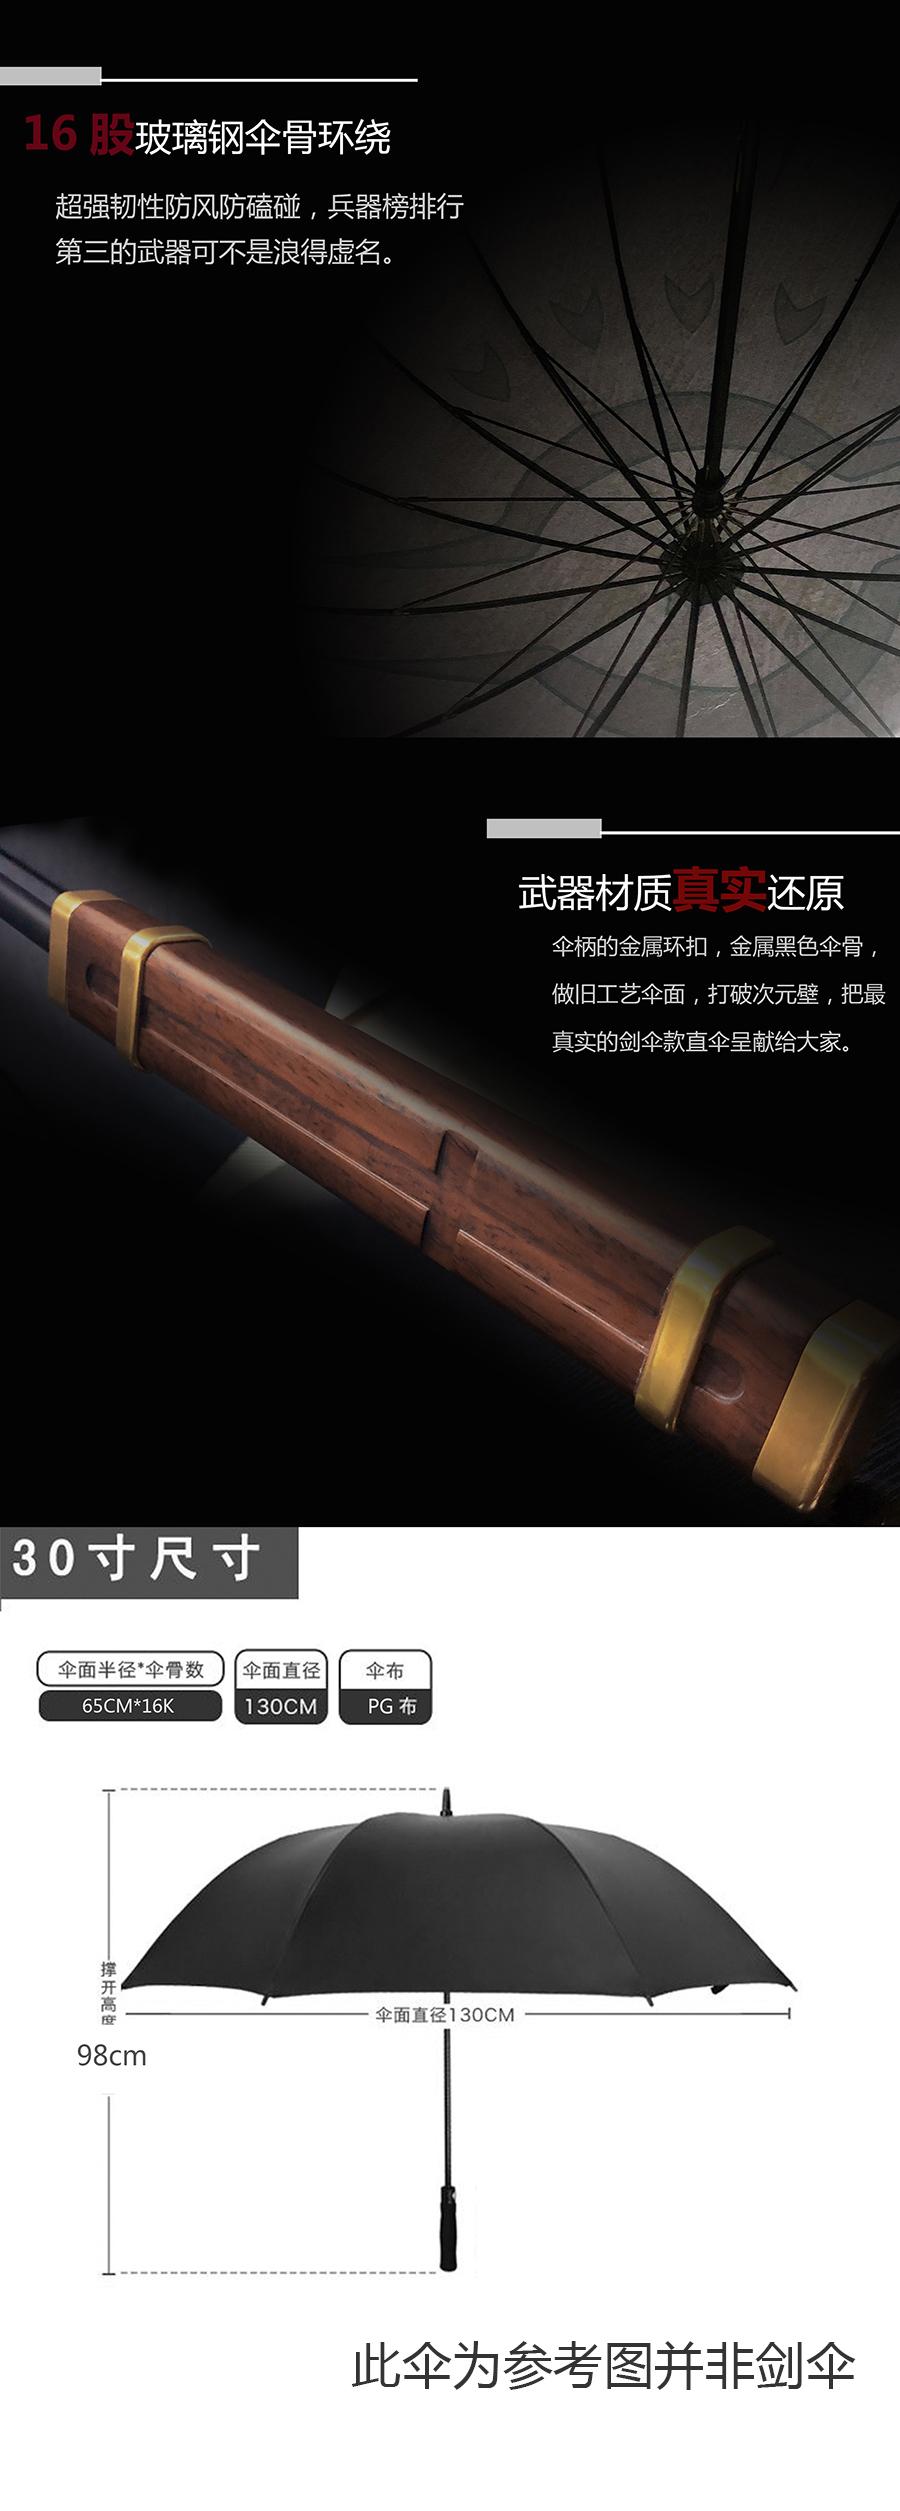 剑伞长图3.jpg